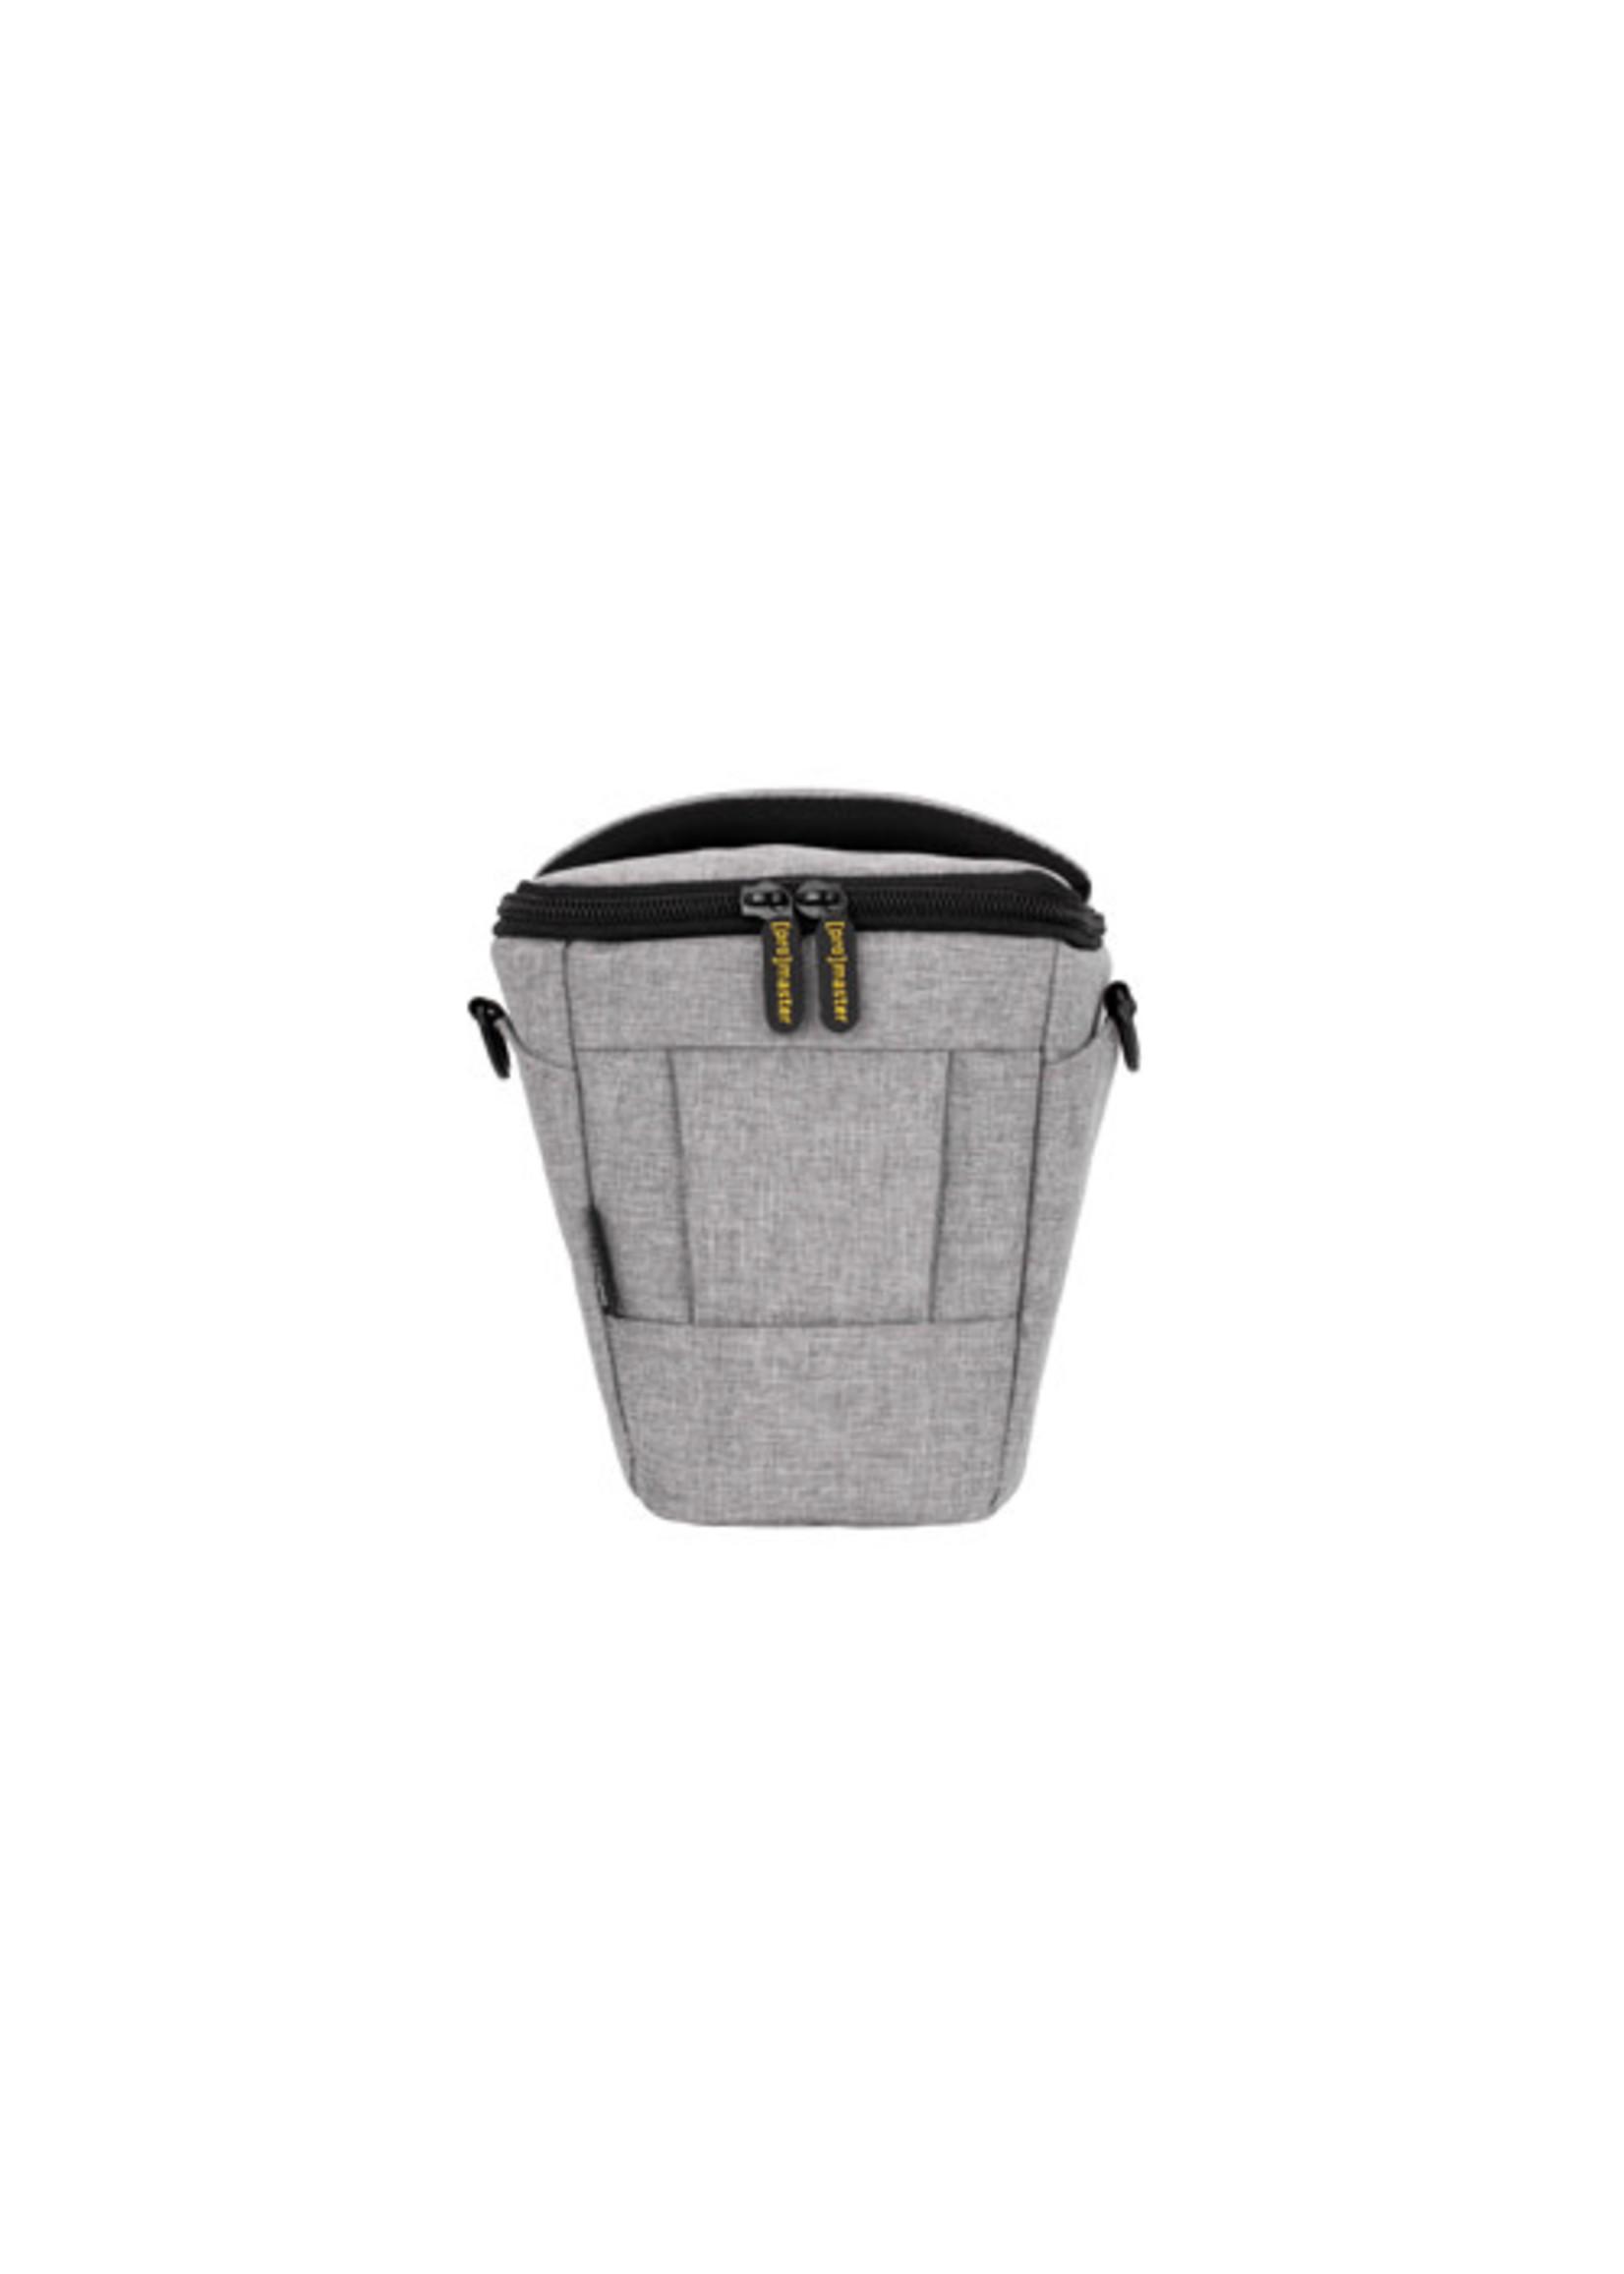 ProMaster ProMaster -Holster Bag -Medium - Grey - 2021